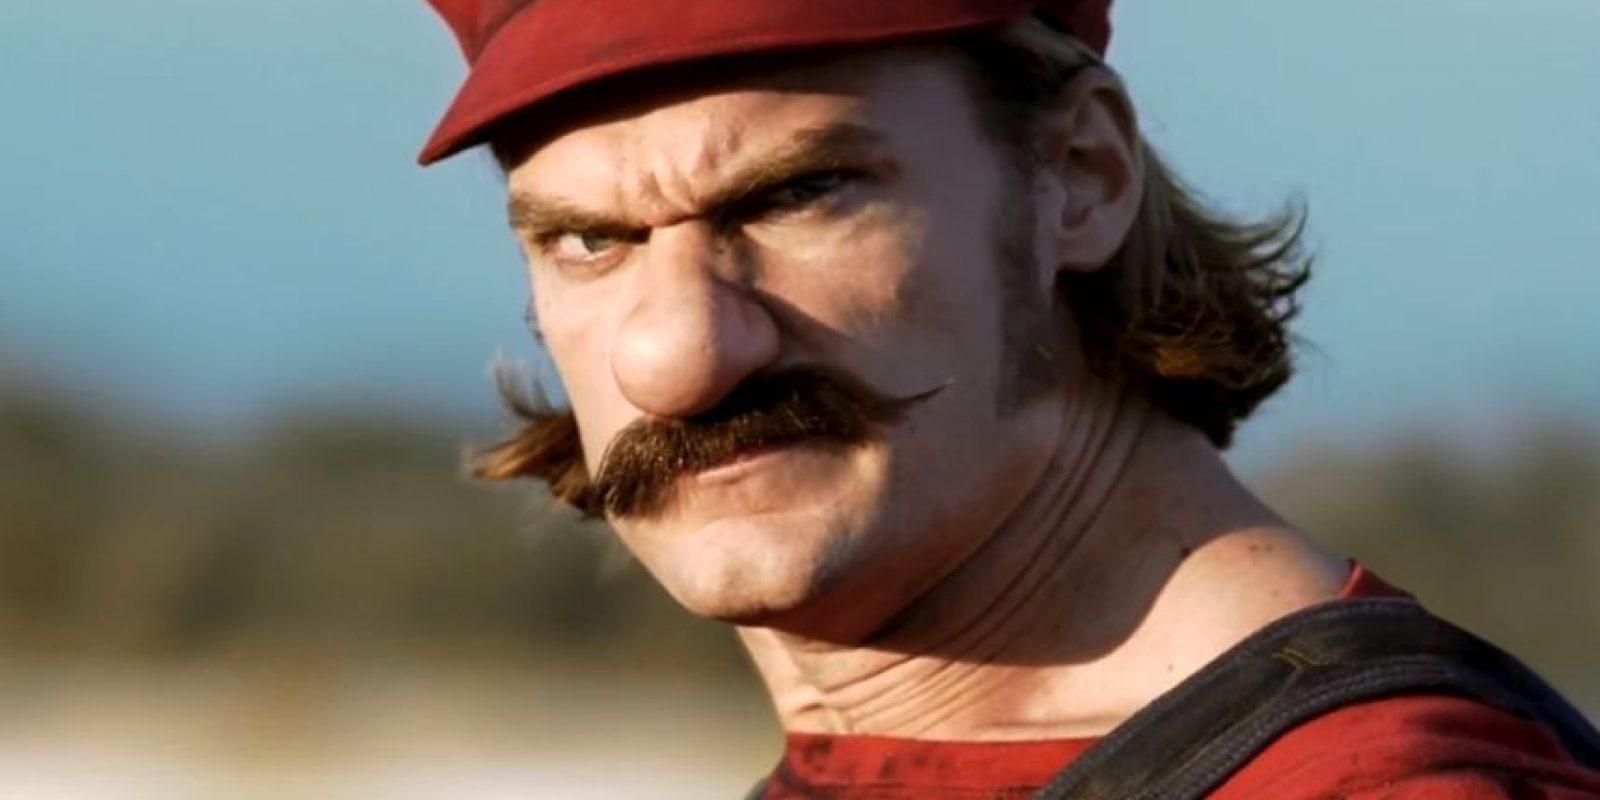 Así sería Mario en la vida real. Foto:Mercedes-BenzTV